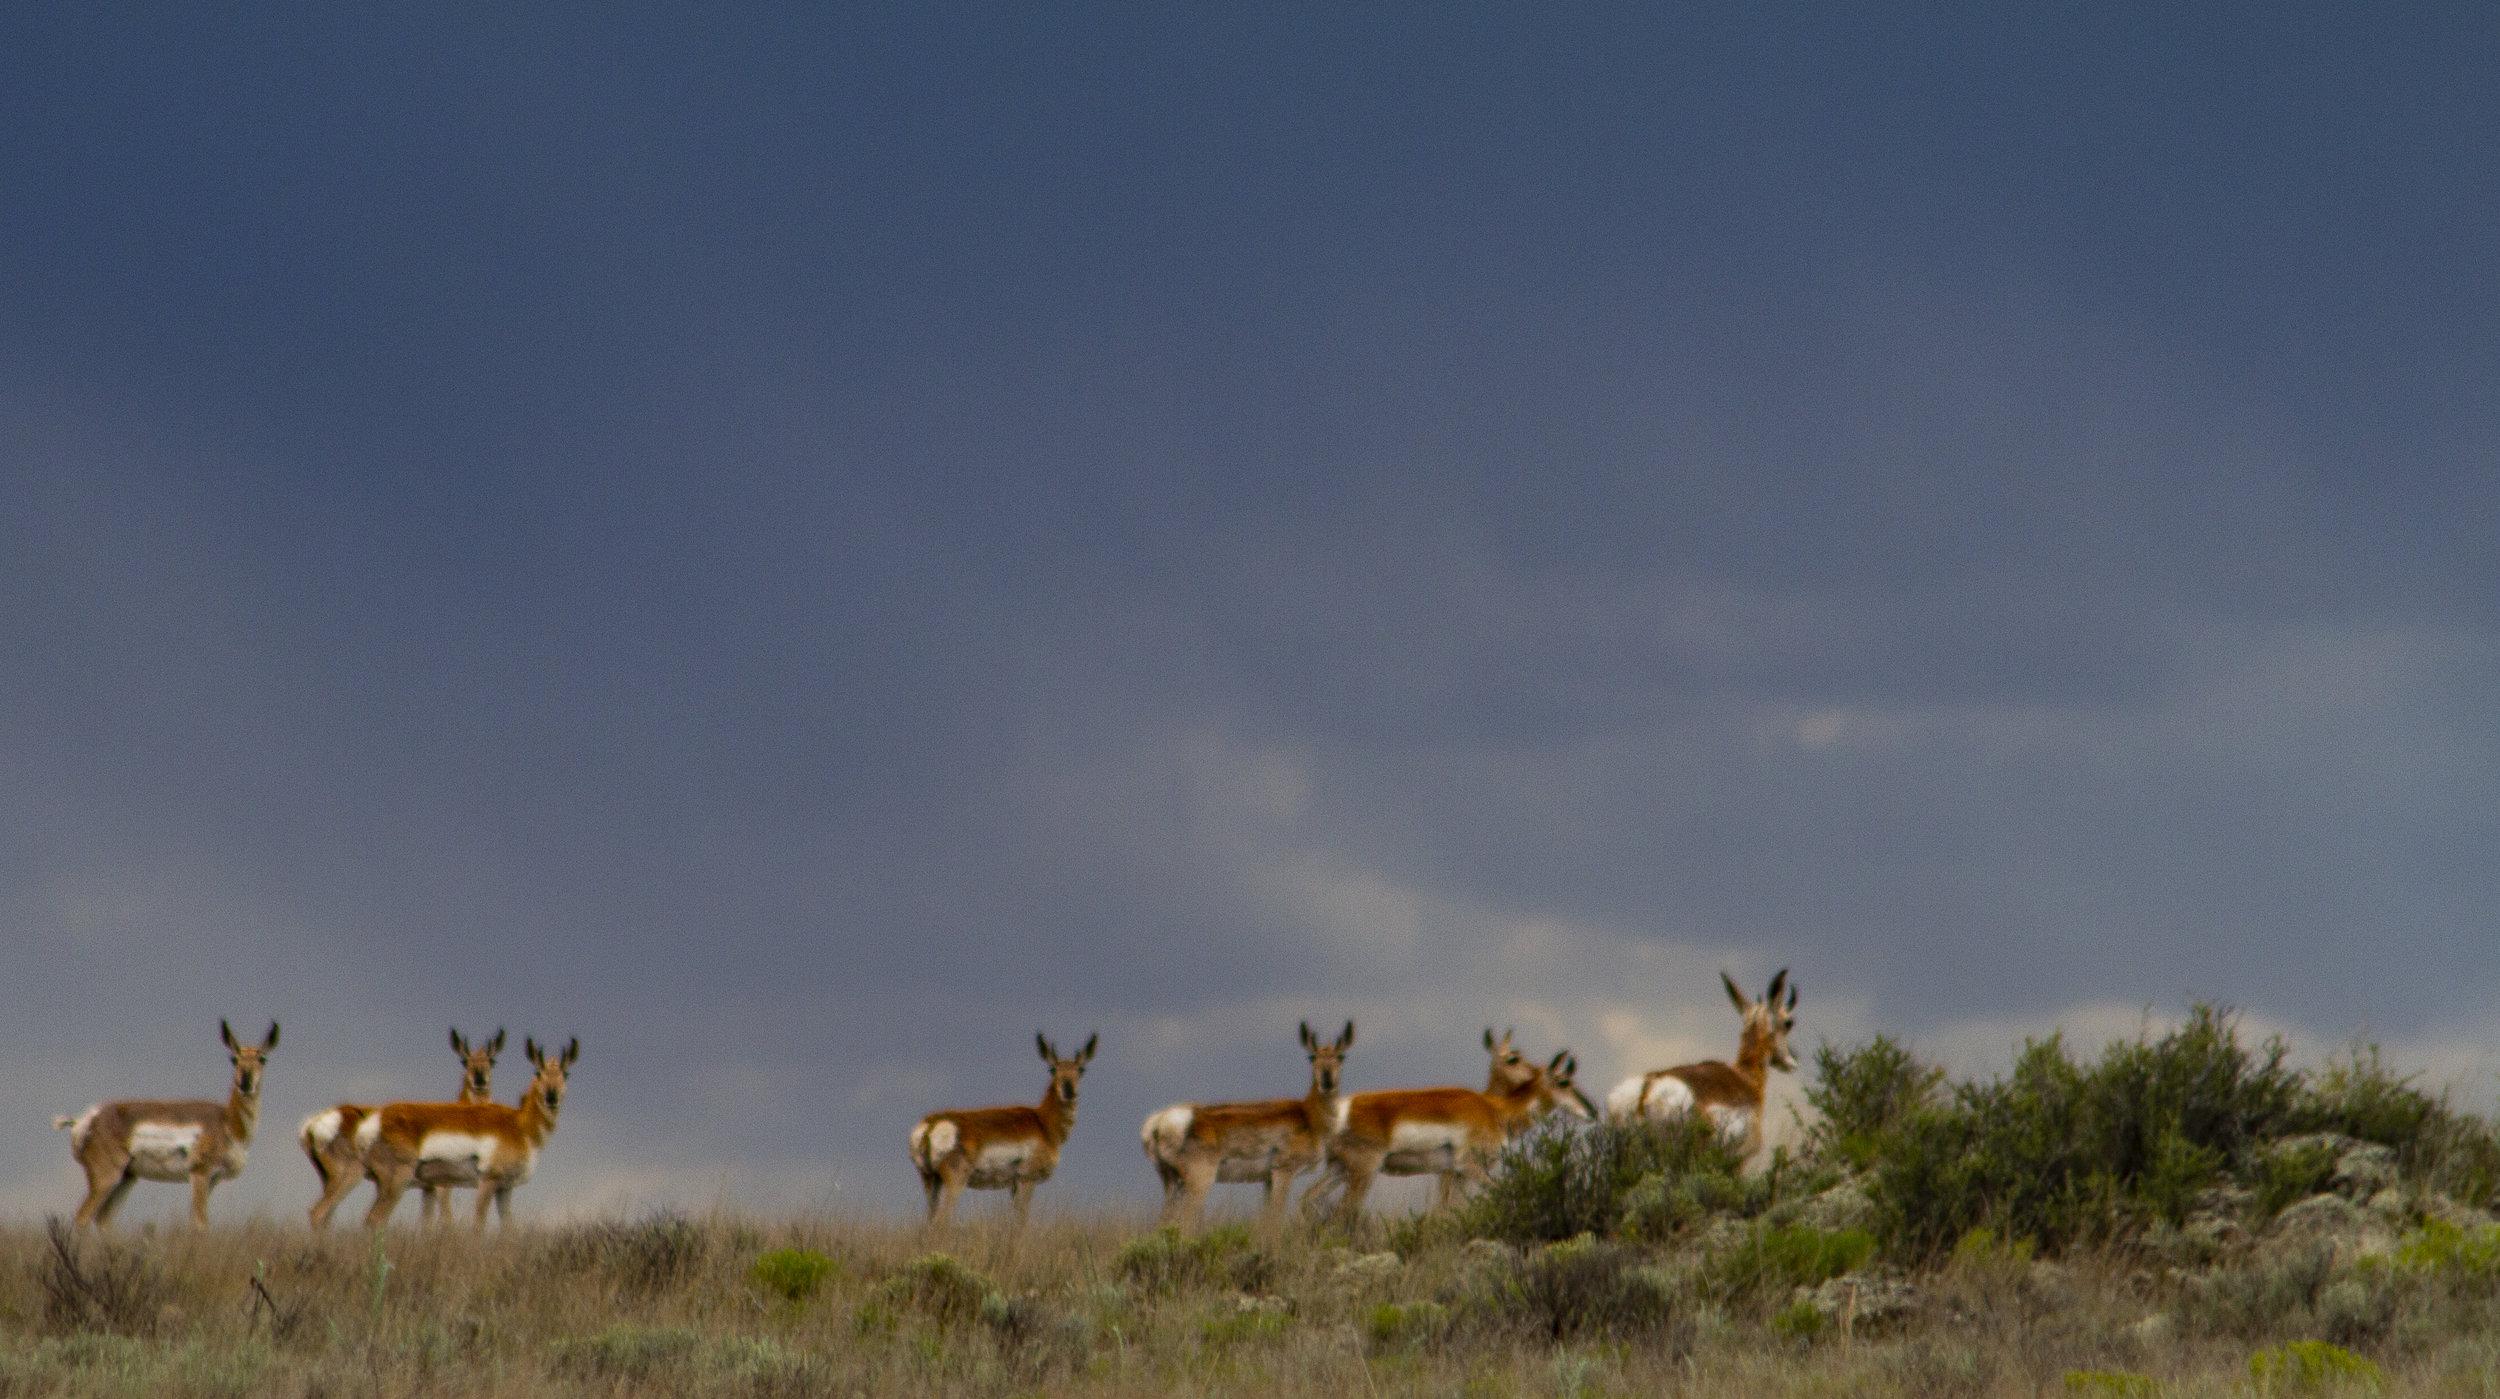 Antelope - near Quemado, New Mexico